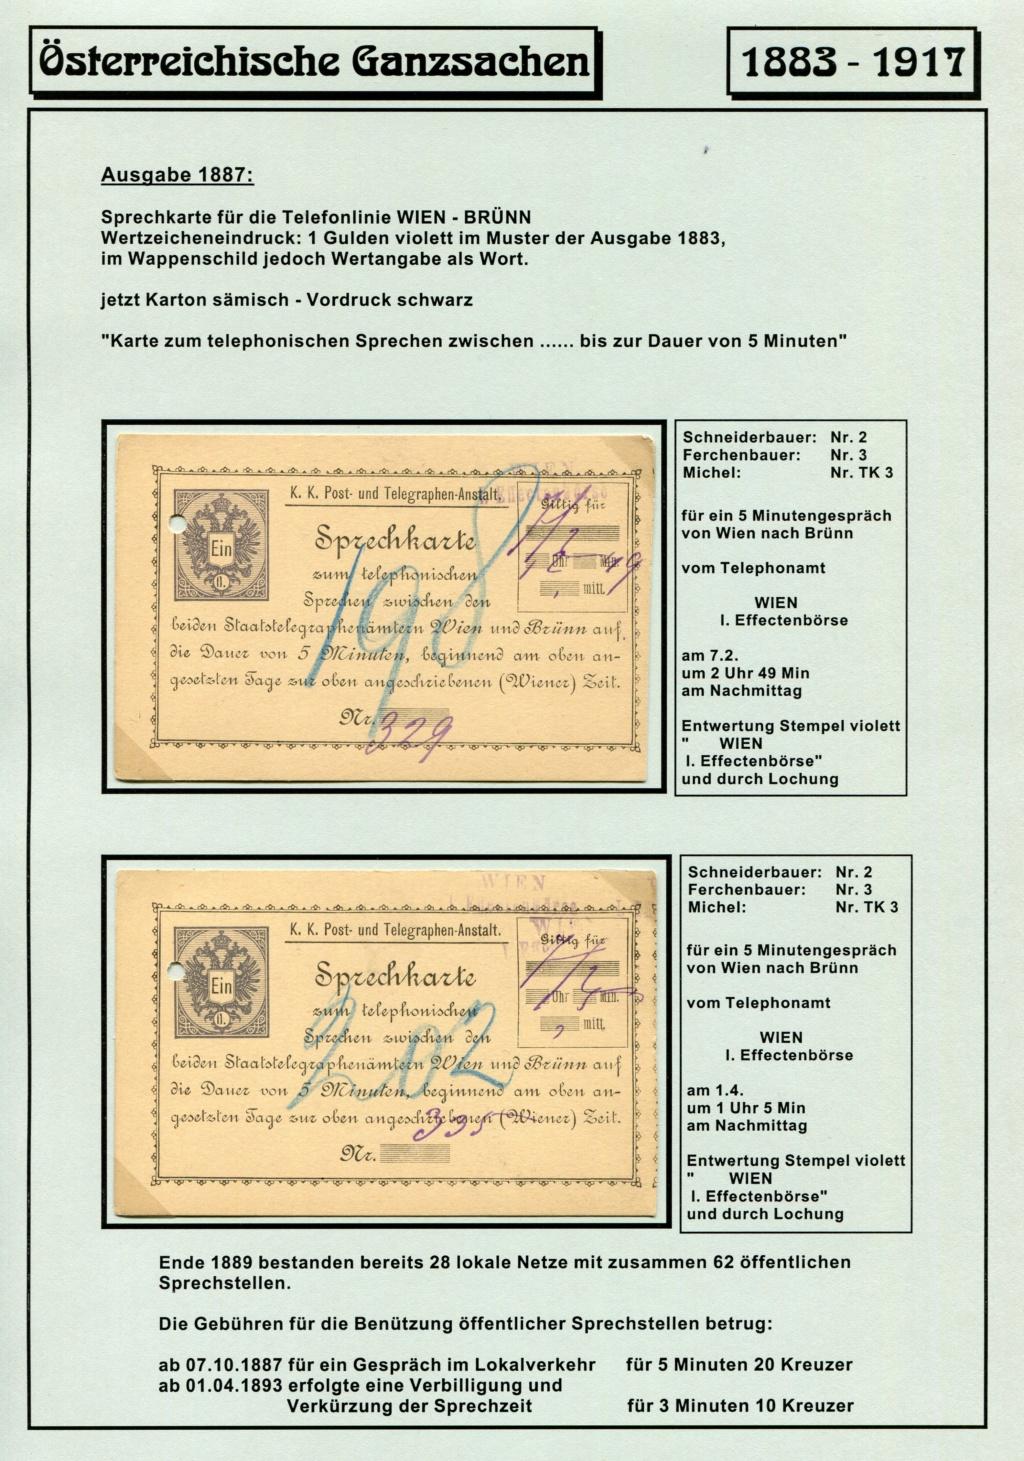 Österreichische Telephon-Sprechkarten - 1883 - 1917 Tel_ka20